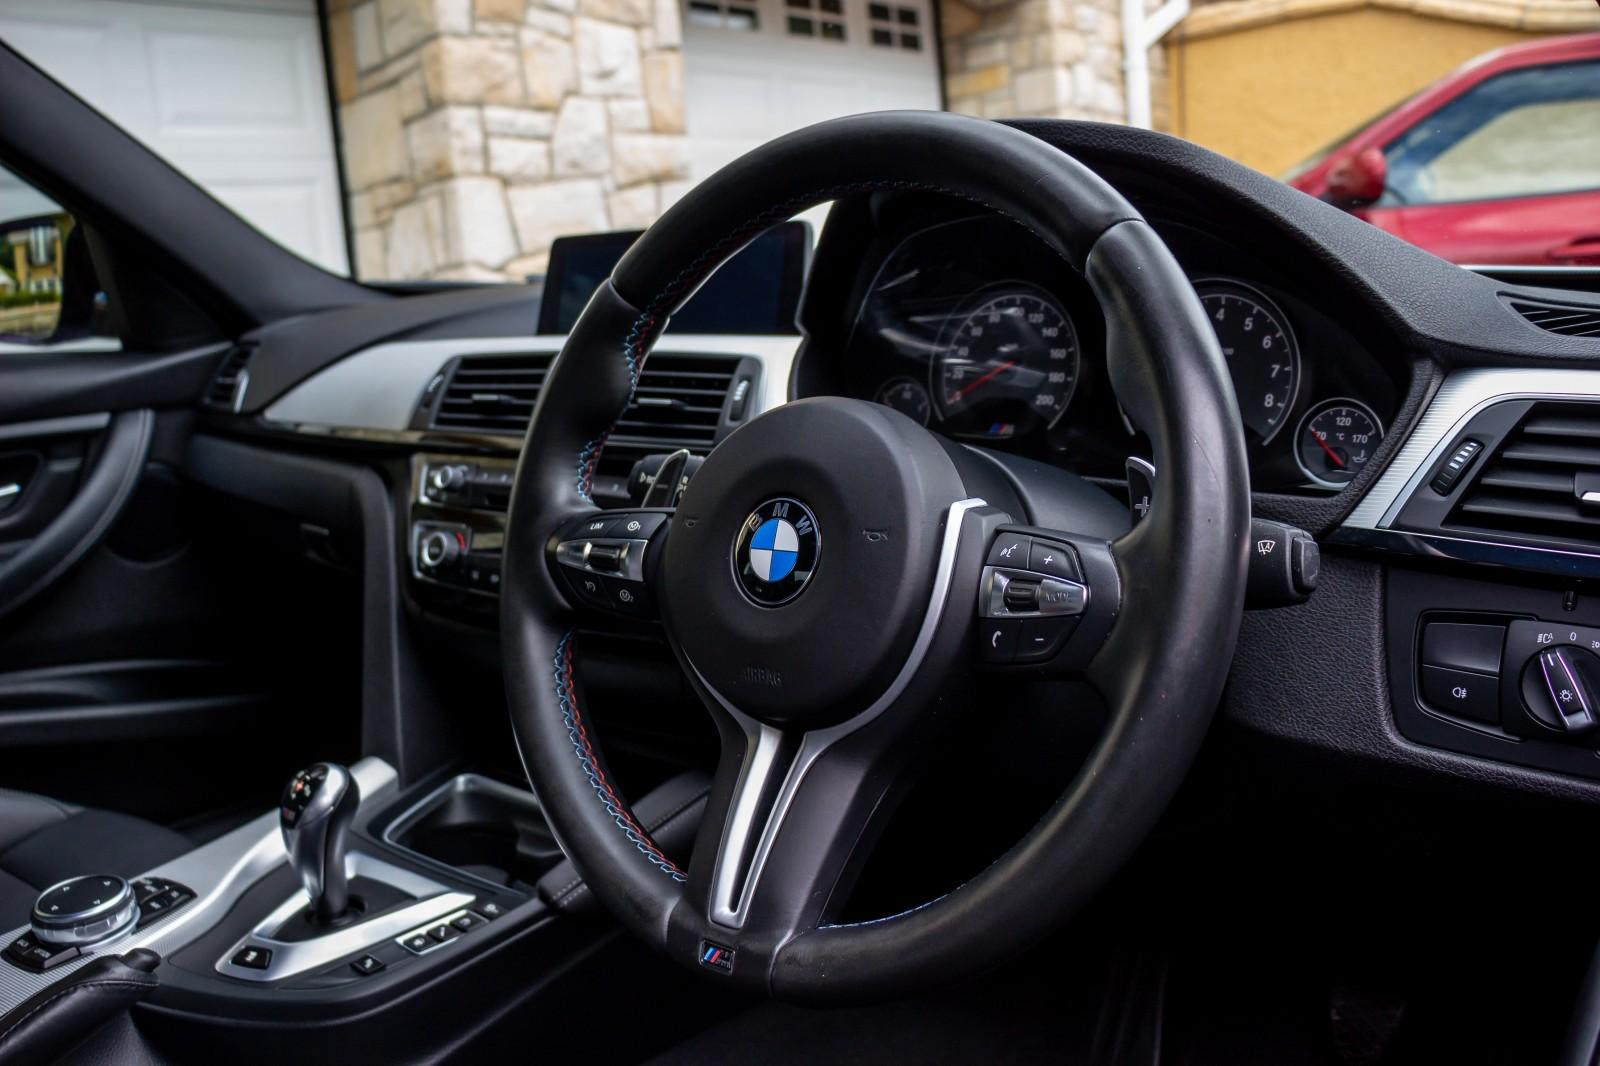 2015 BMW 3 Series M3 Petrol Semi Auto – Morgan Cars 9 Mound Road, Warrenpoint, Newry BT34 3LW, UK full